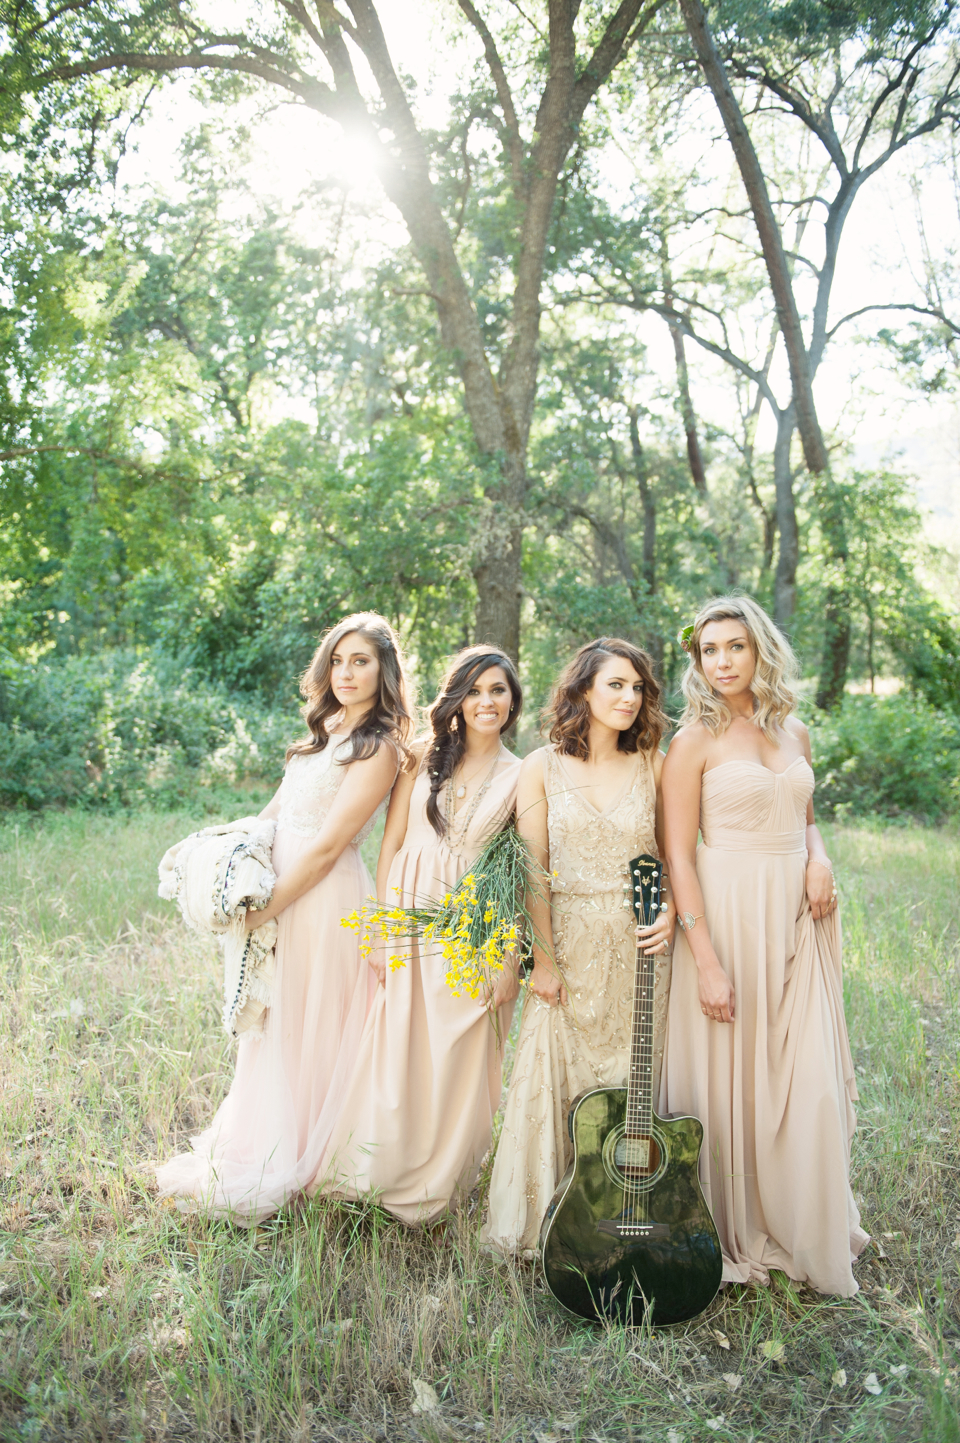 citnb-bhldn-bridesmaid-dresses-nude-00